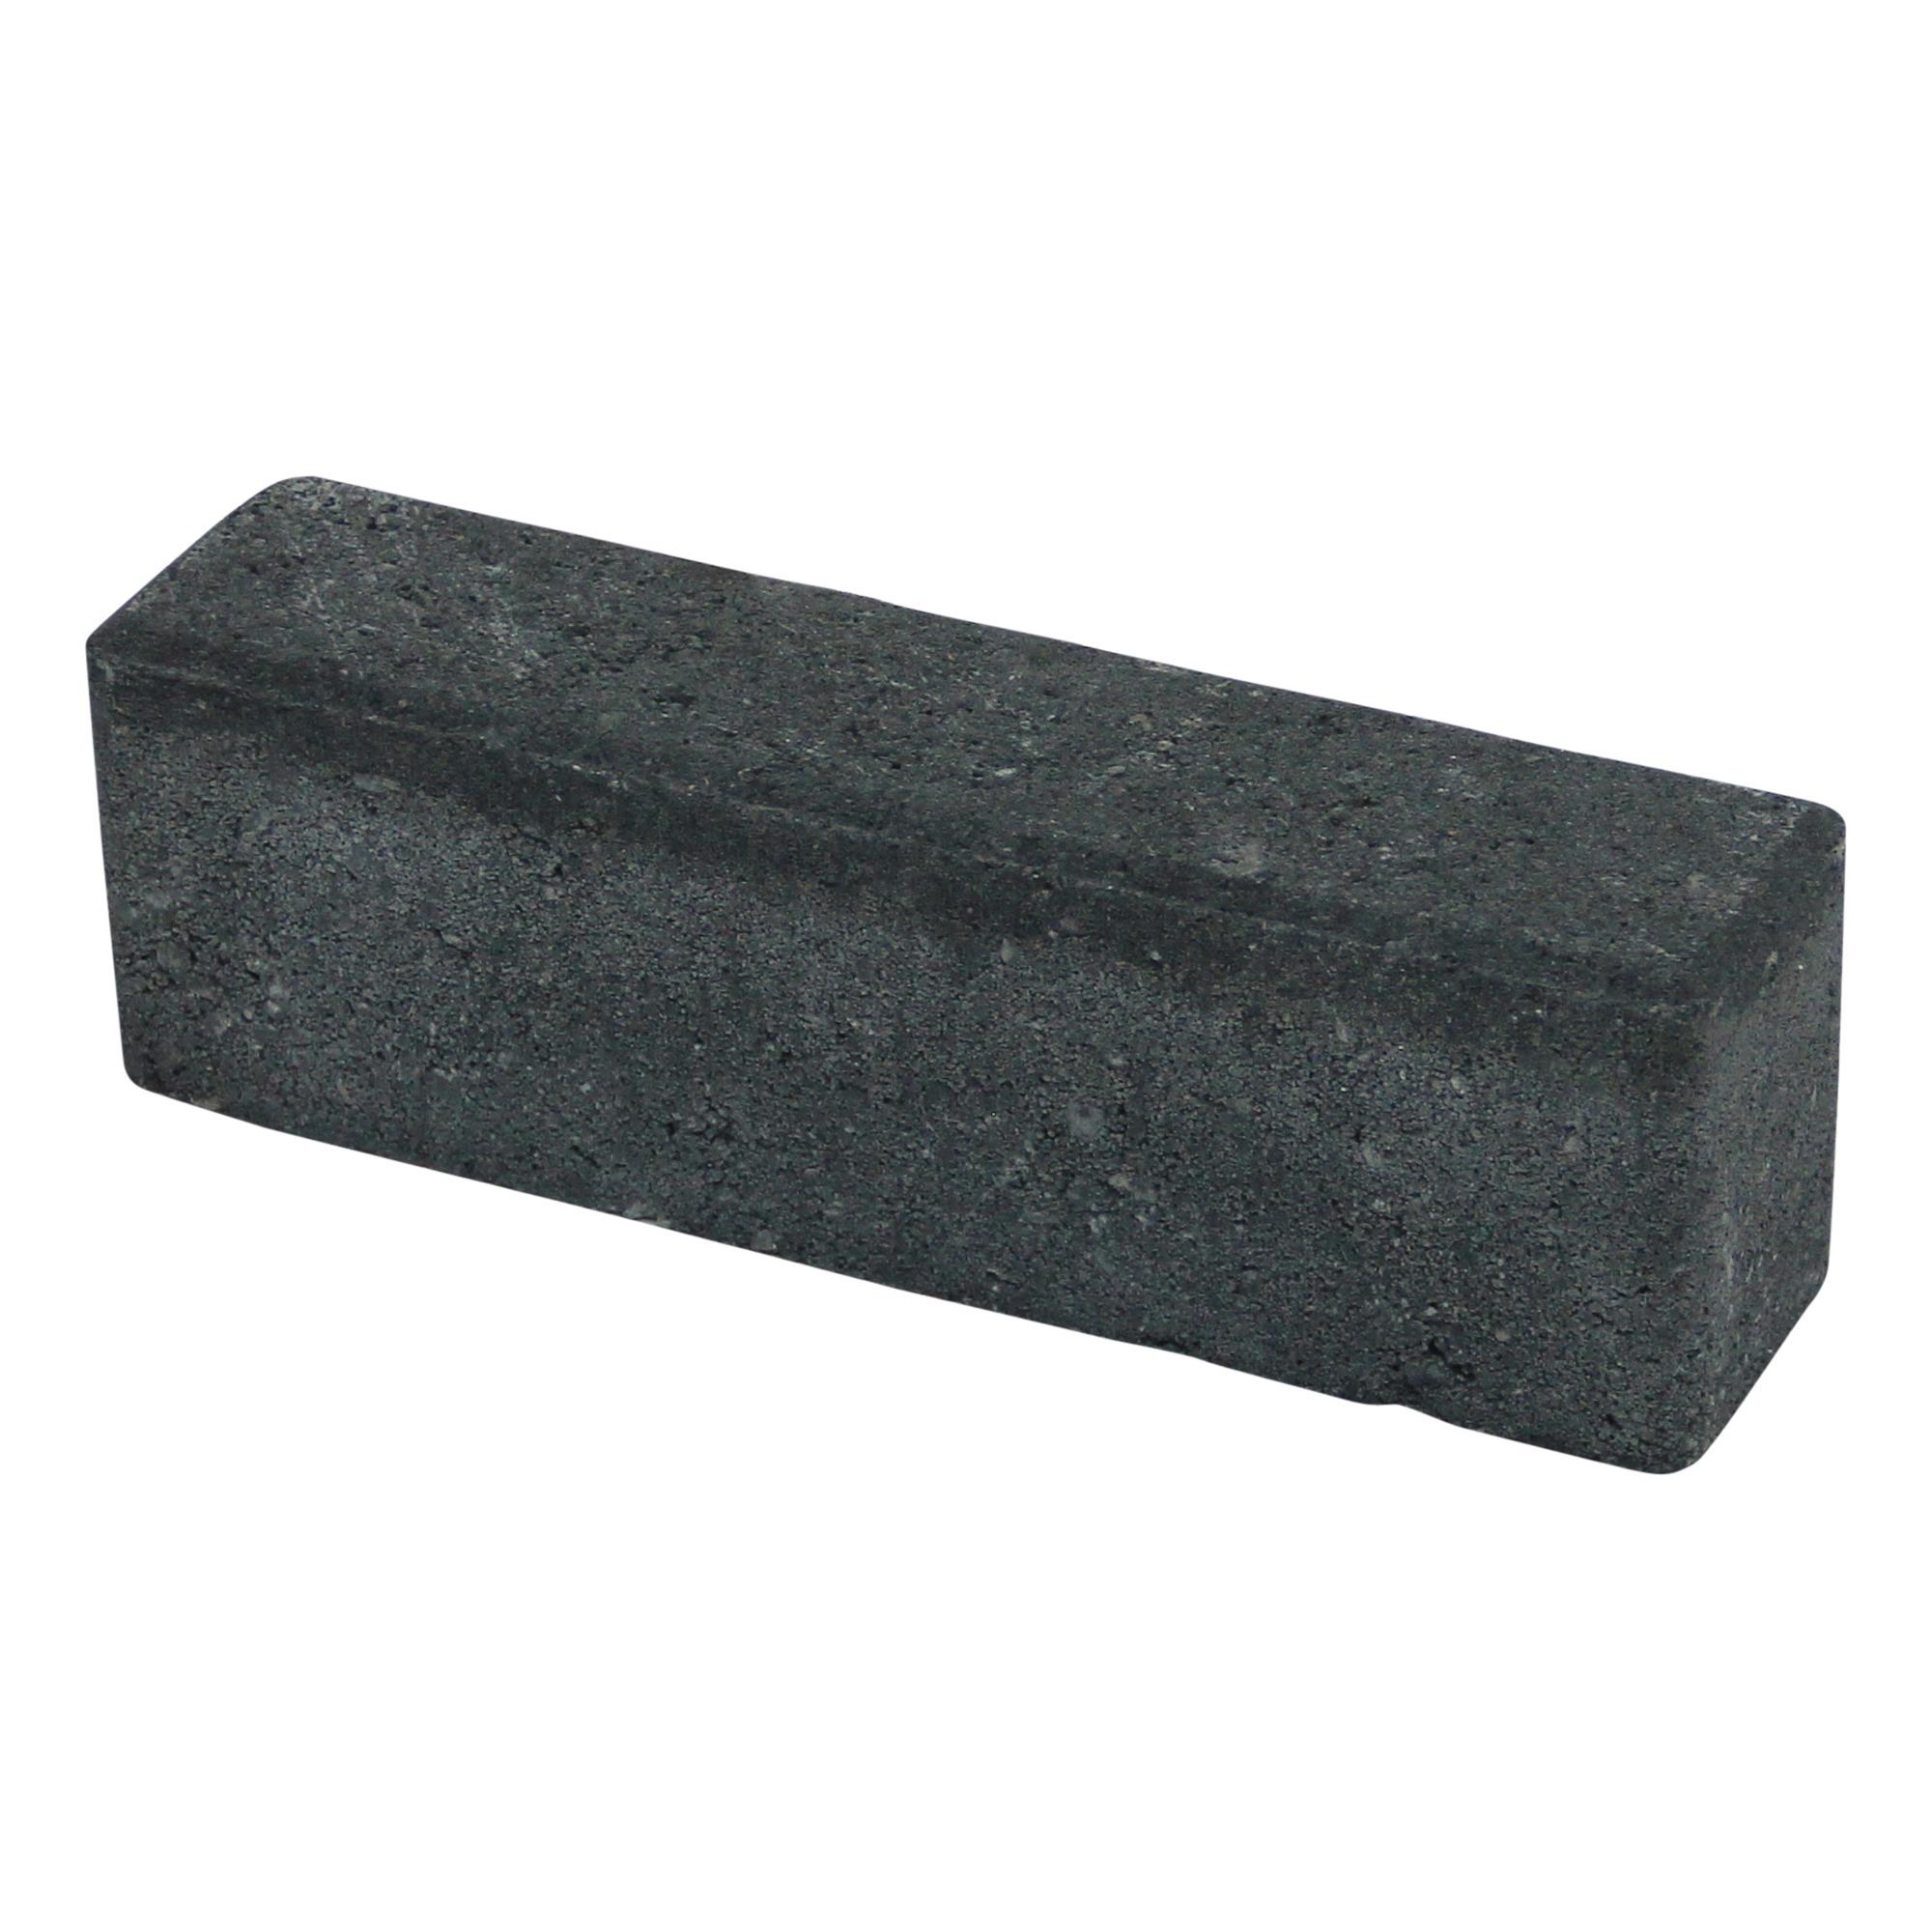 Klinker Beton Antraciet Waalformaat 20x5x6 cm - 1080 Klinkers - 10,80 m2